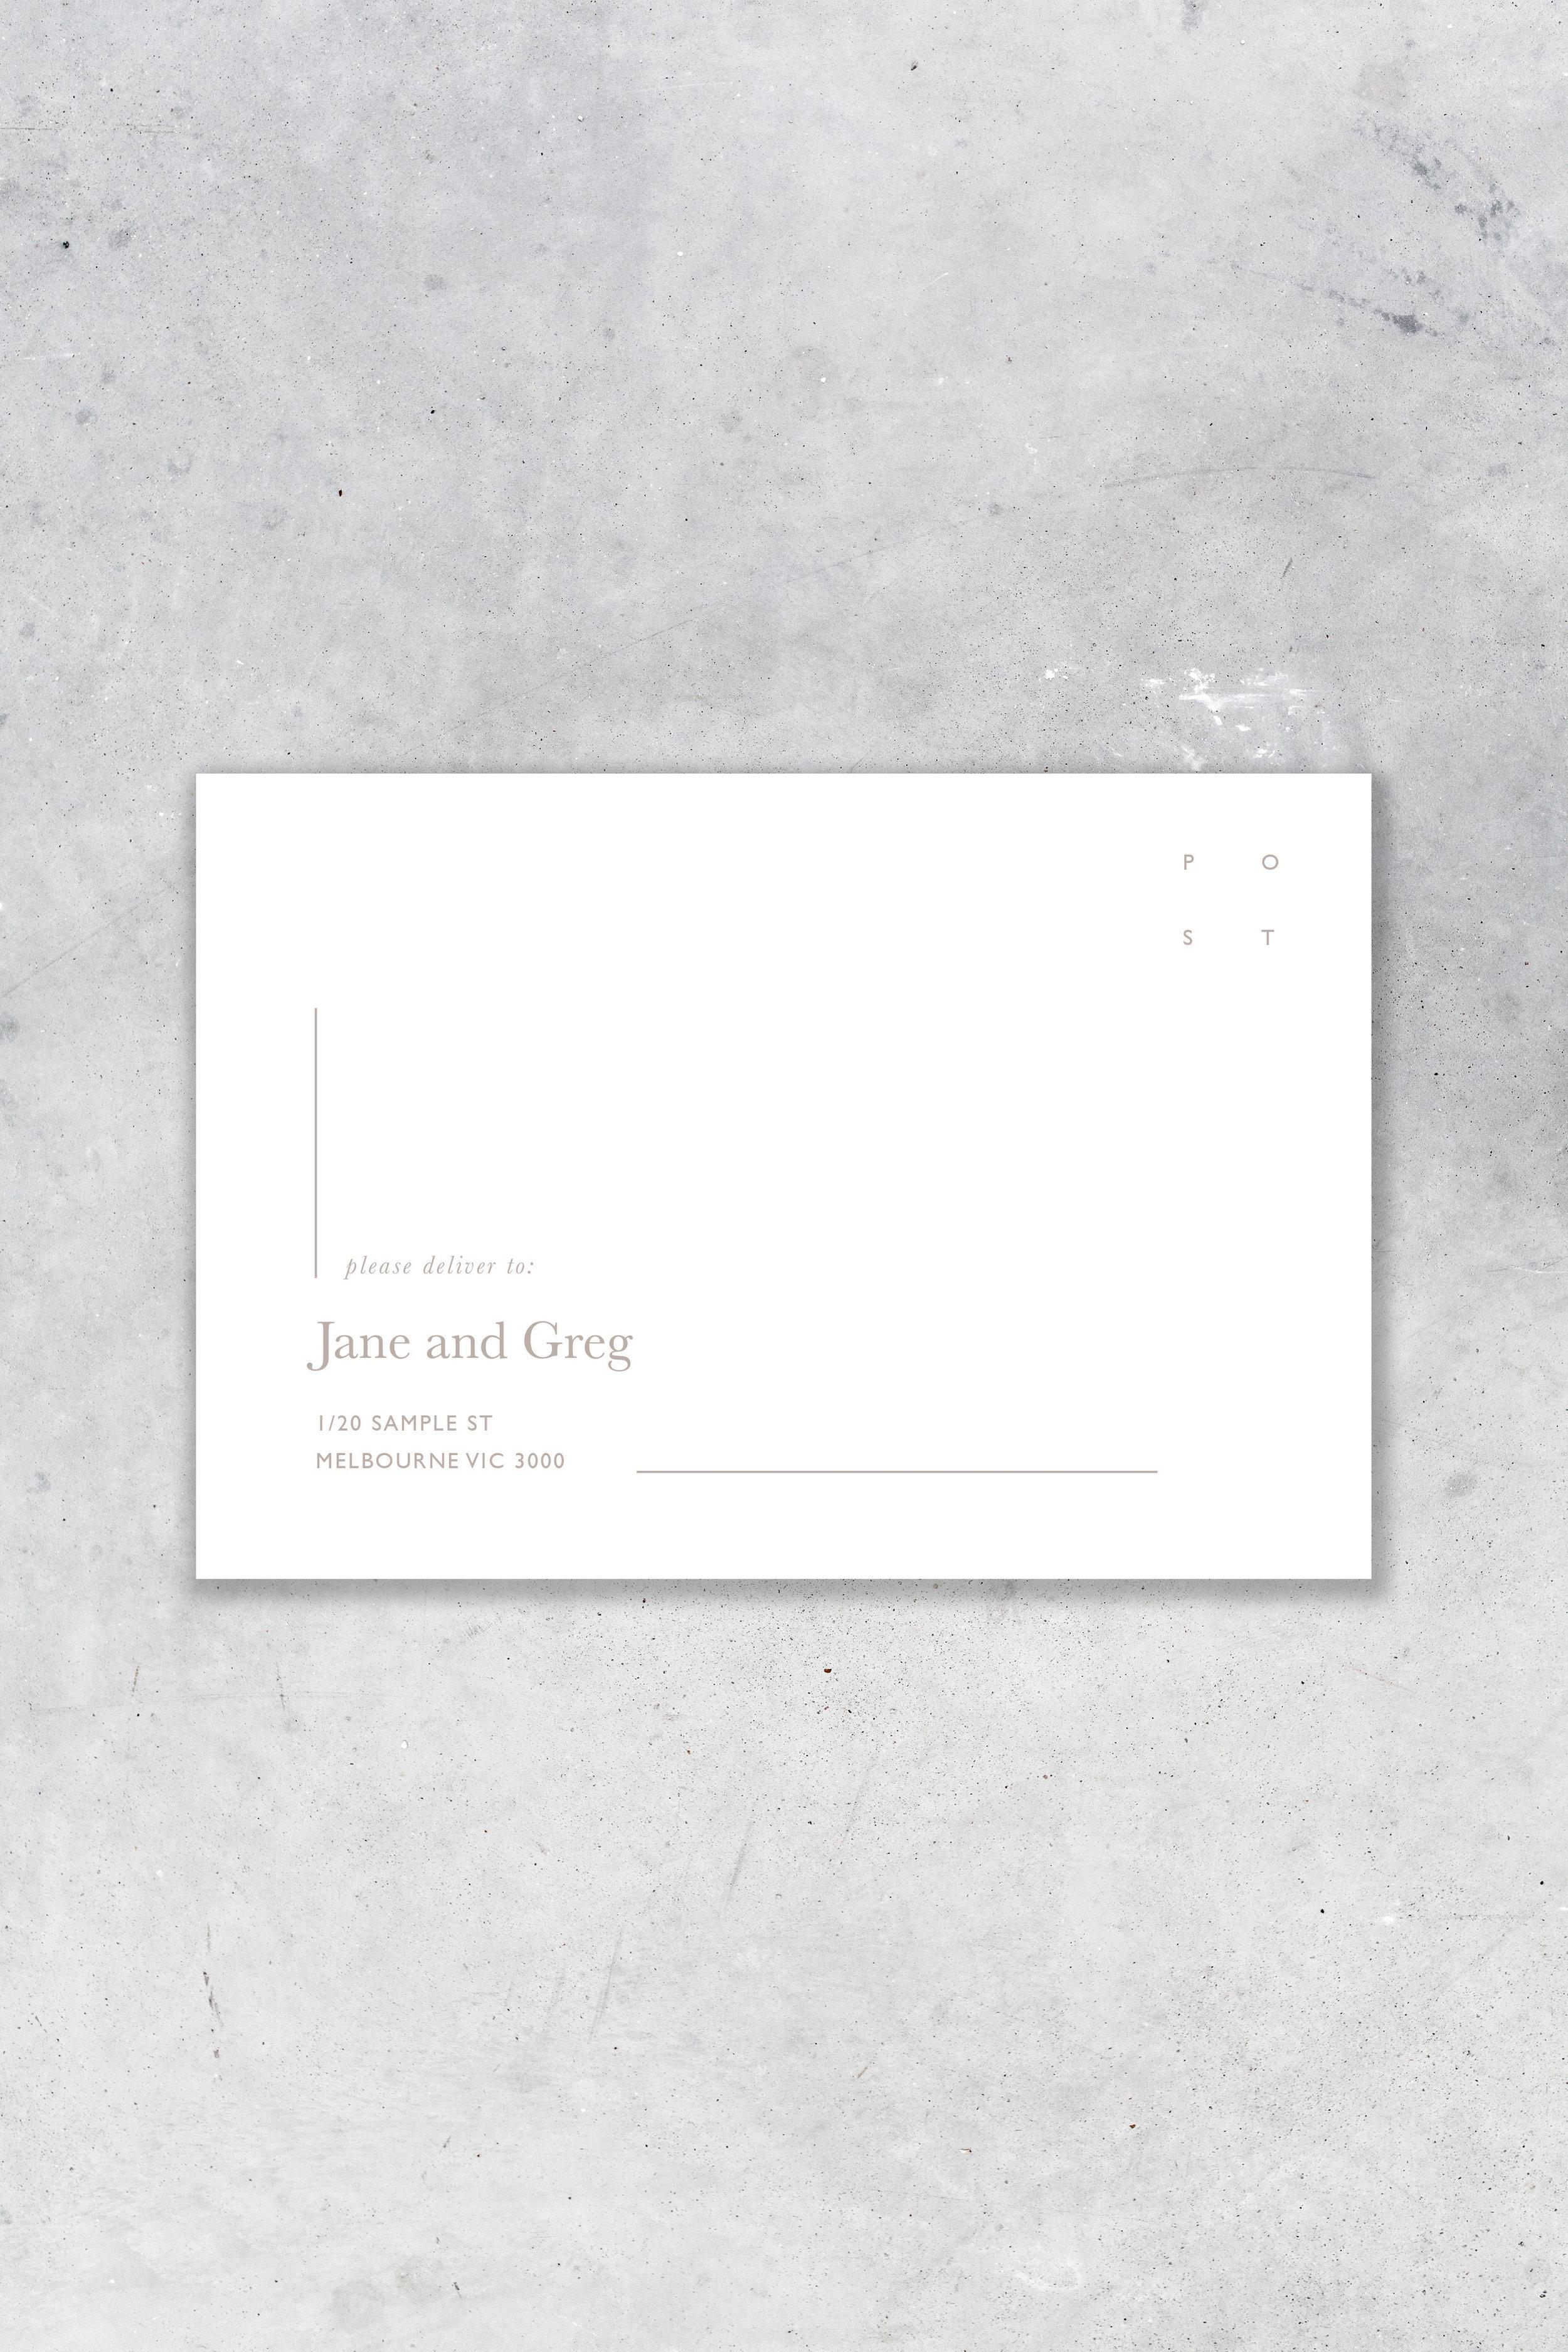 Enkel - Envelope Front.jpg